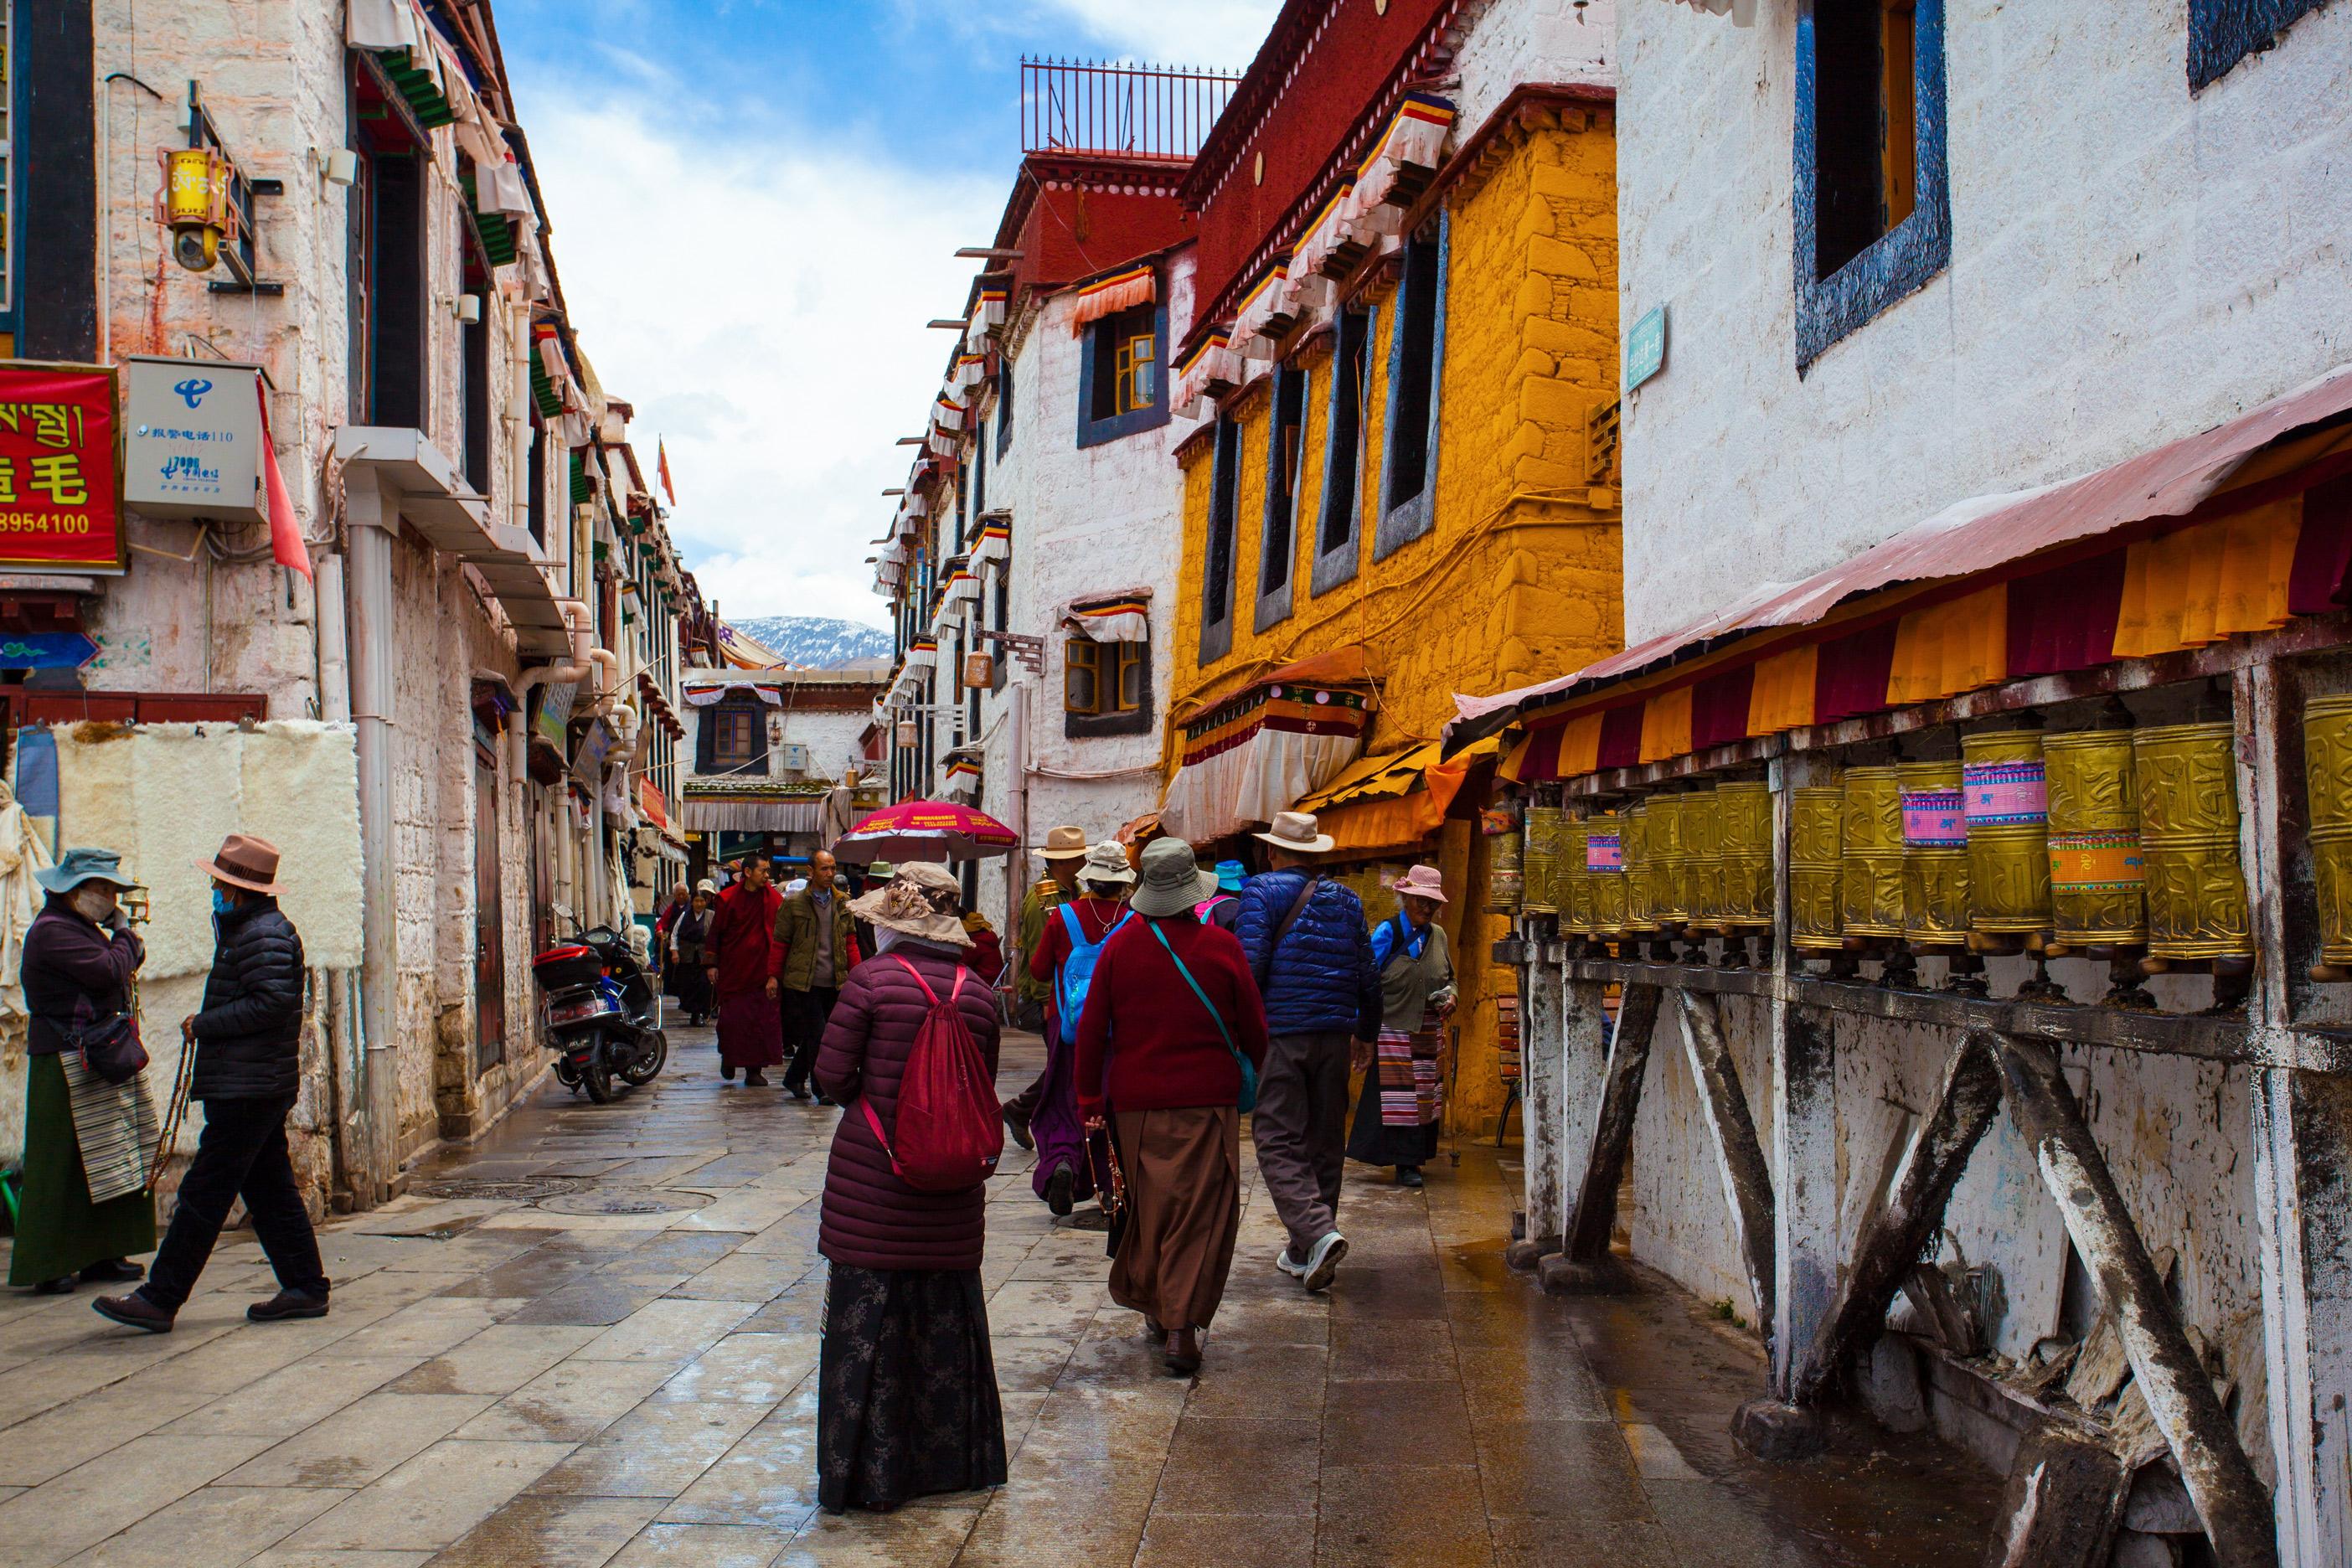 Himalayas of Tibet - Barker Street, Lhasa, Tibet